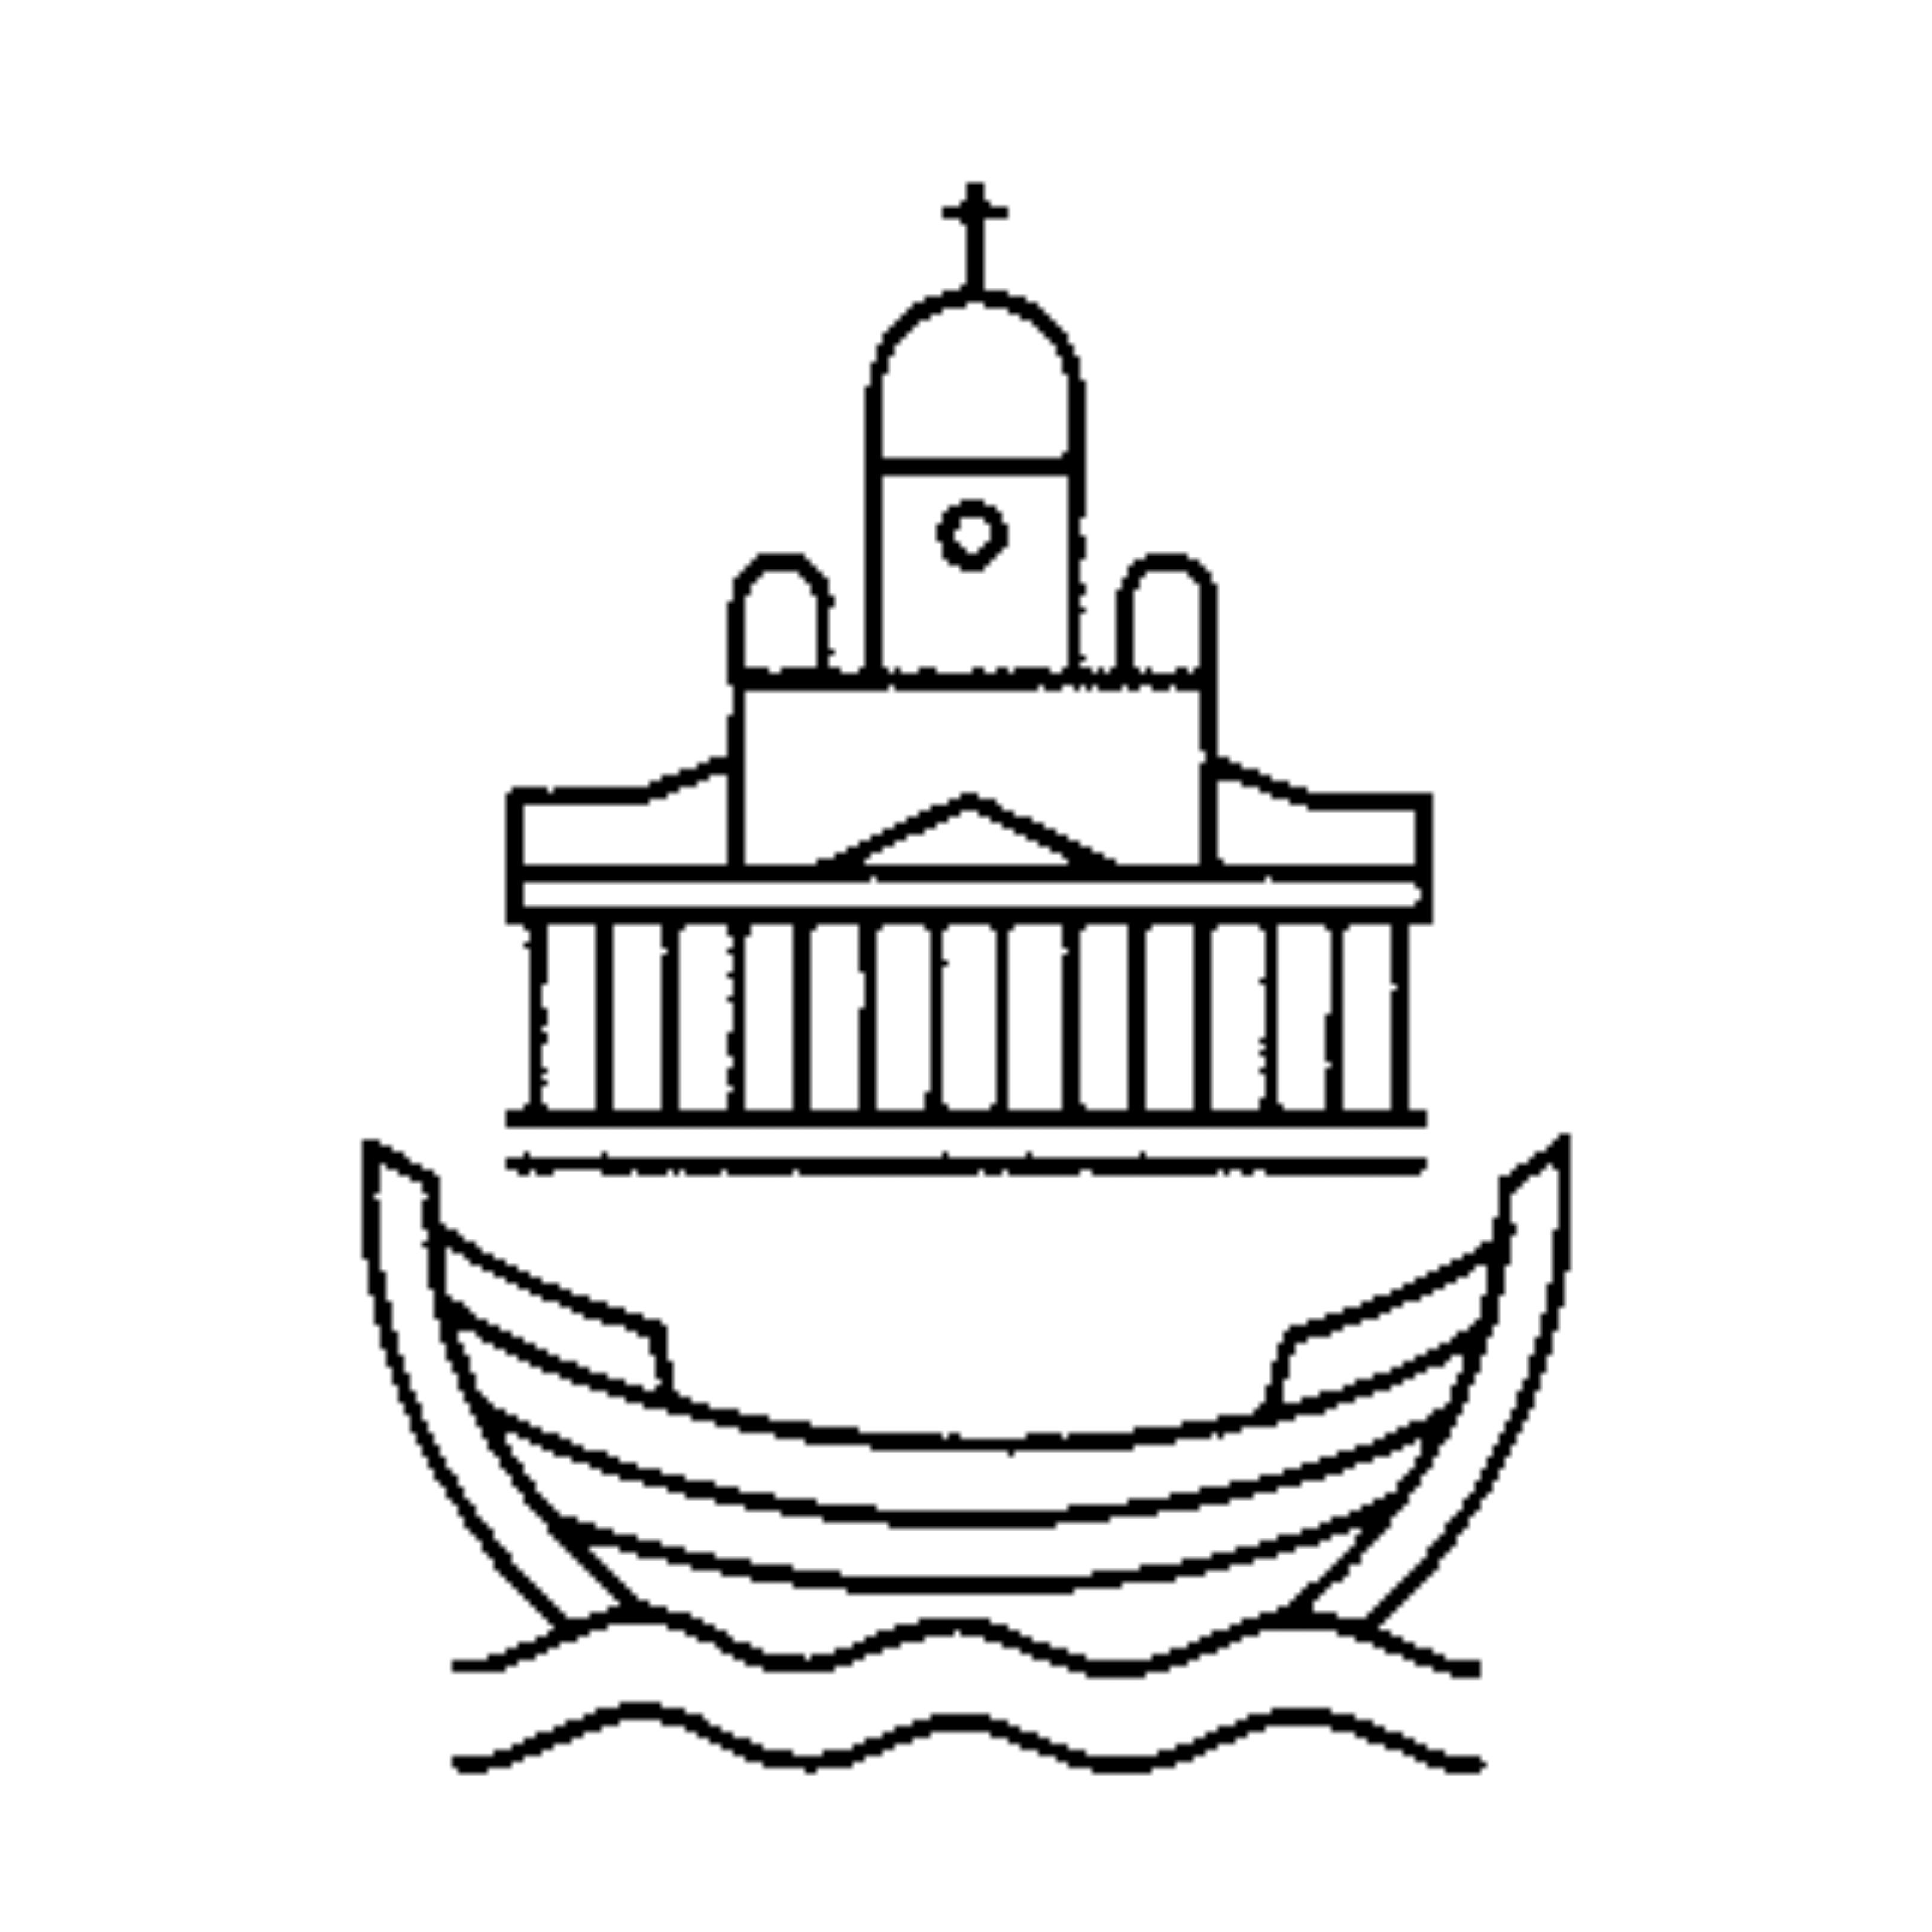 HELSINKI-SEURA